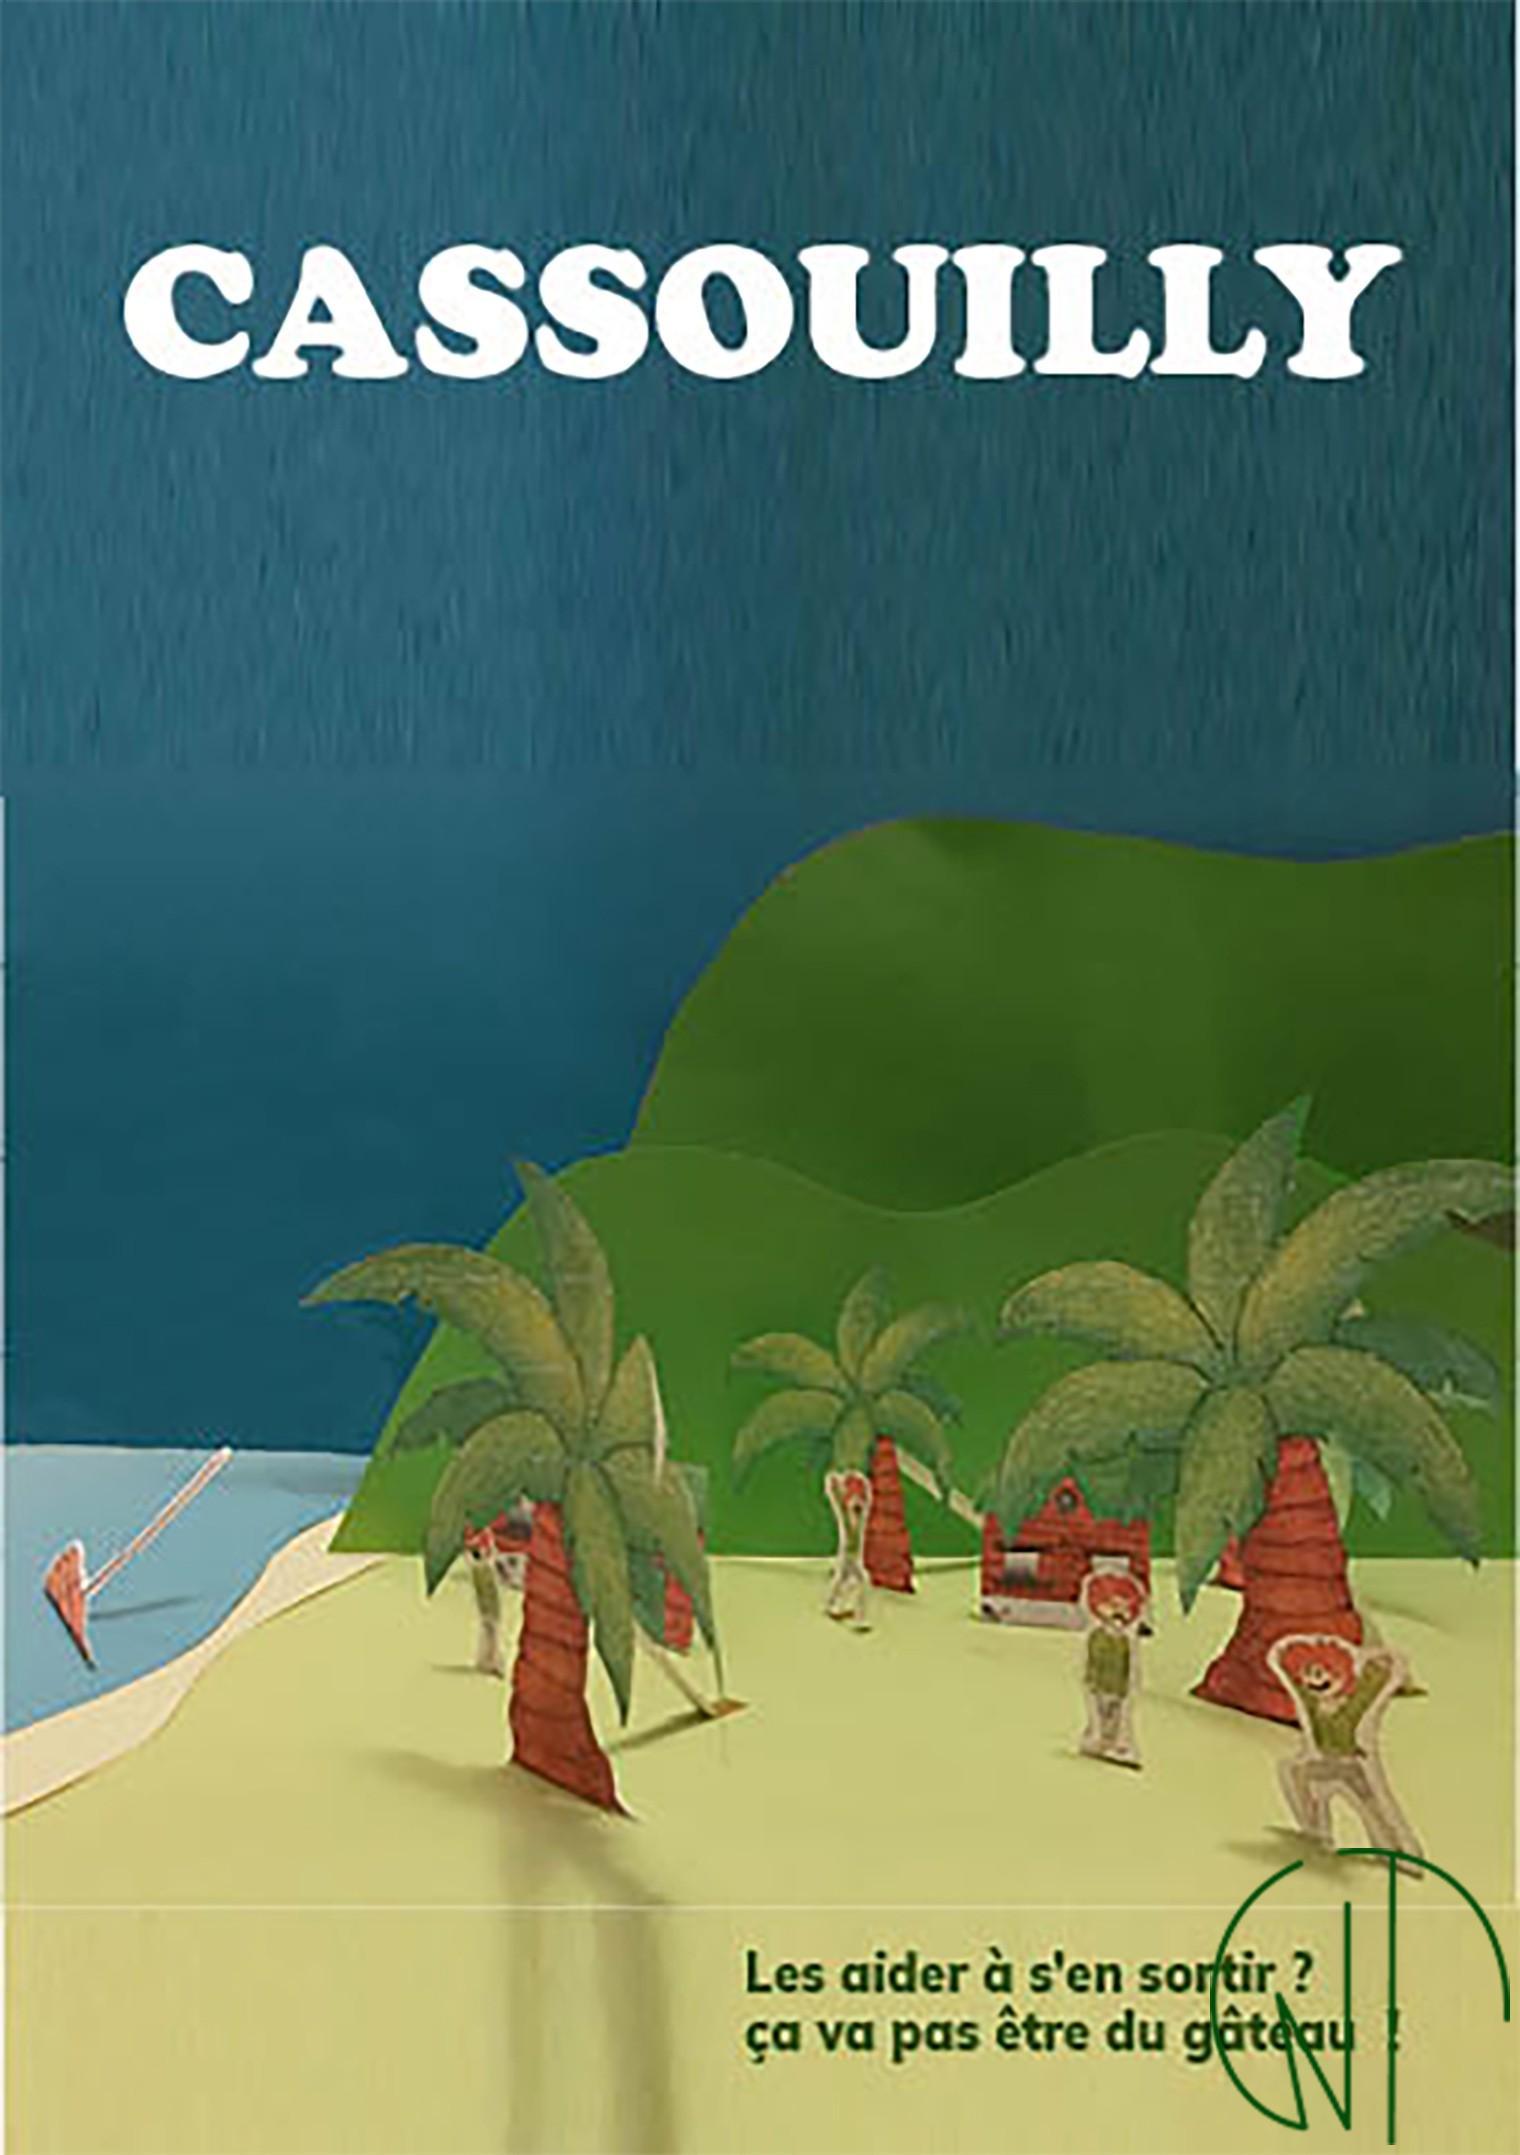 Cassouilly